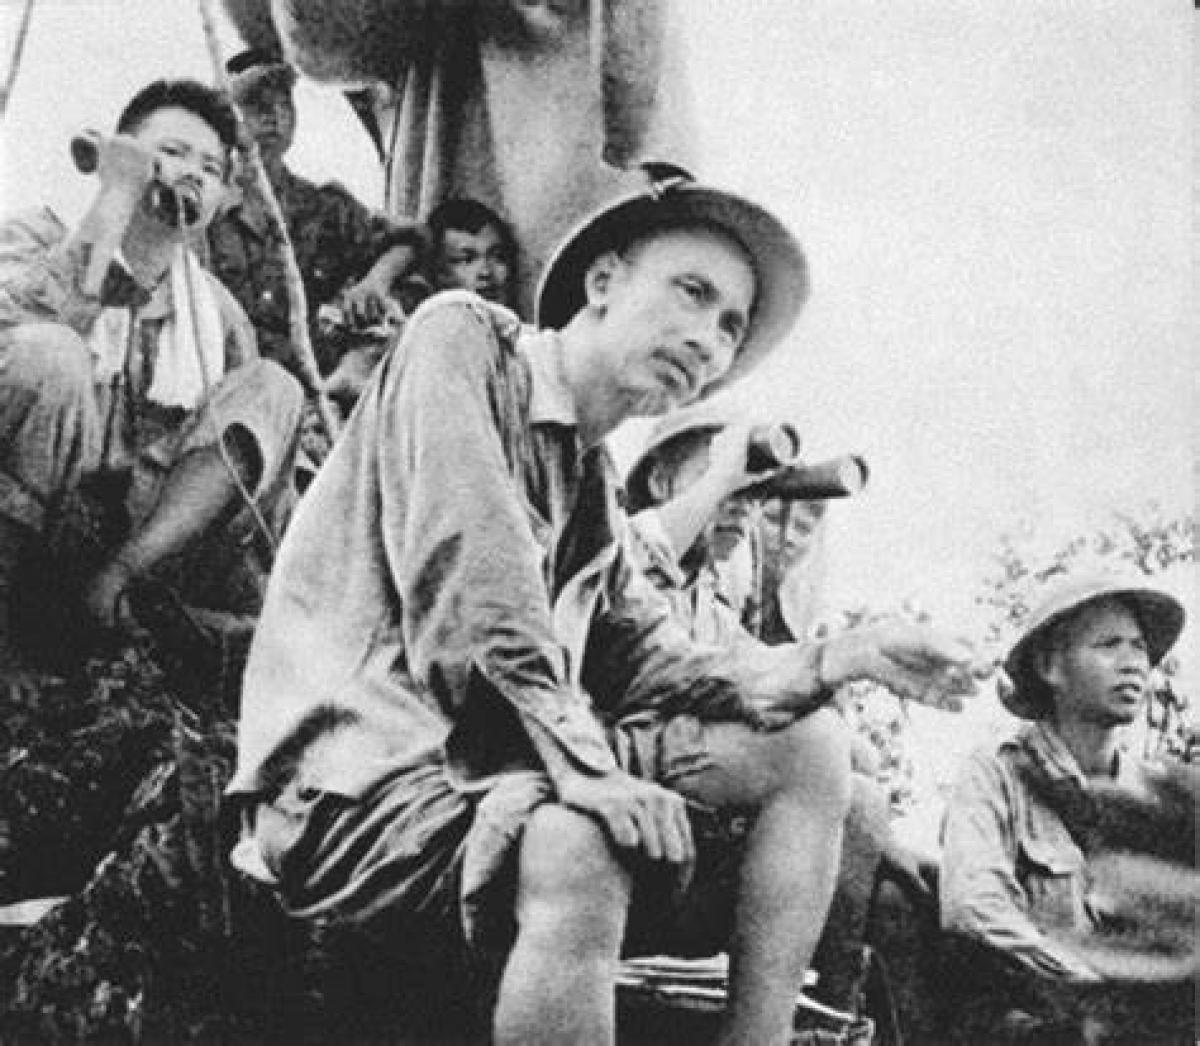 Chủ tịch Hồ Chí Minh trên đài quan sát mặt trận Đông Khê, Chiến dịch Biên giới, ngày 16/9/1950. Ảnh: Vũ Năng An